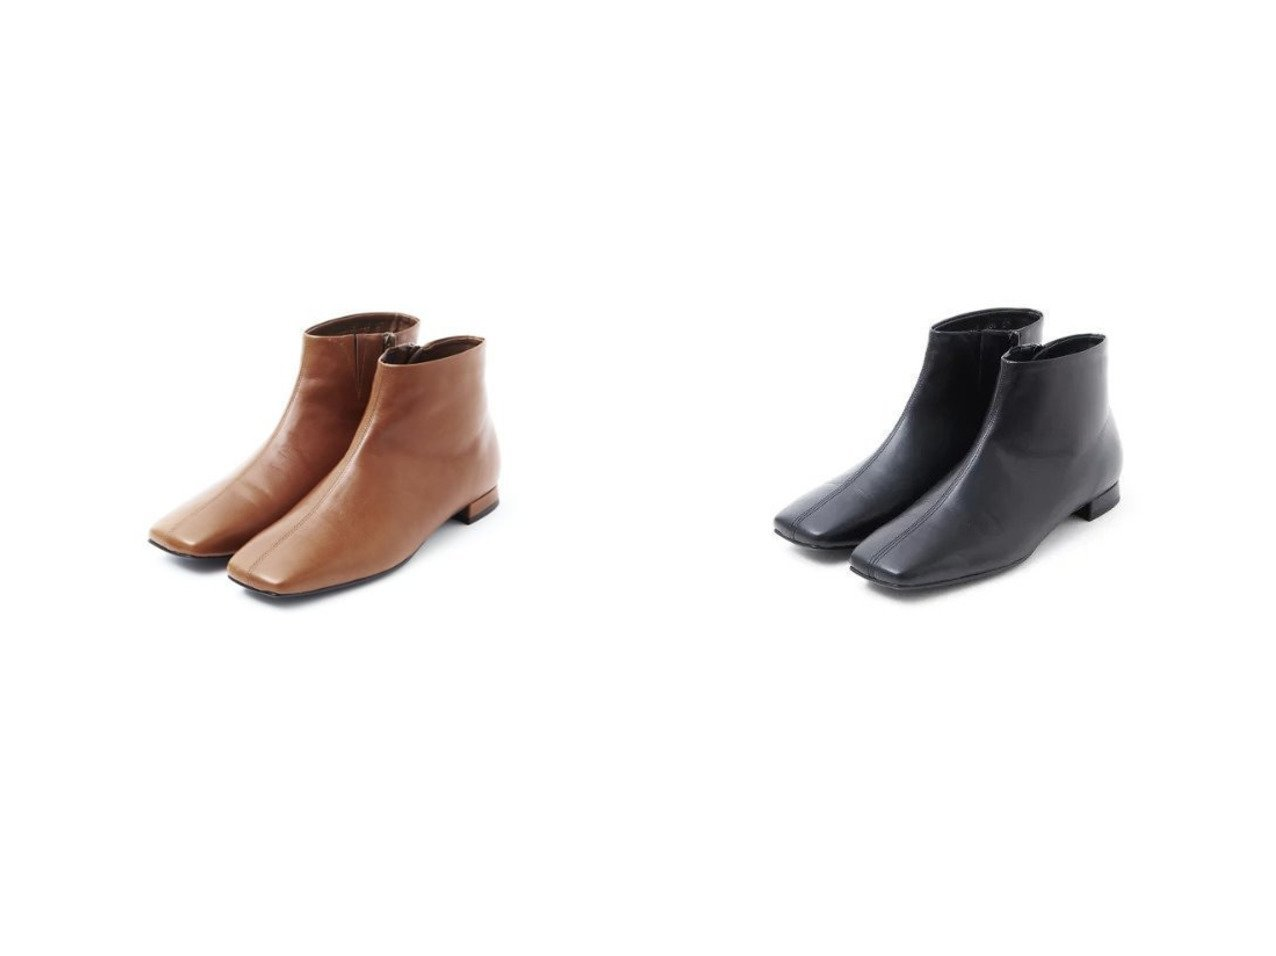 【Piche Abahouse/ピシェ アバハウス】の【最高ブーツ/パリ】ローヒールスクエアトゥブーツ 【シューズ・靴】おすすめ!人気、トレンド・レディースファッションの通販 おすすめで人気の流行・トレンド、ファッションの通販商品 インテリア・家具・メンズファッション・キッズファッション・レディースファッション・服の通販 founy(ファニー) https://founy.com/ ファッション Fashion レディースファッション WOMEN アンクル 秋 Autumn/Fall ガラス クッション シューズ シンプル フラット プレミアム ミドル 日本製 Made in Japan |ID:crp329100000072582